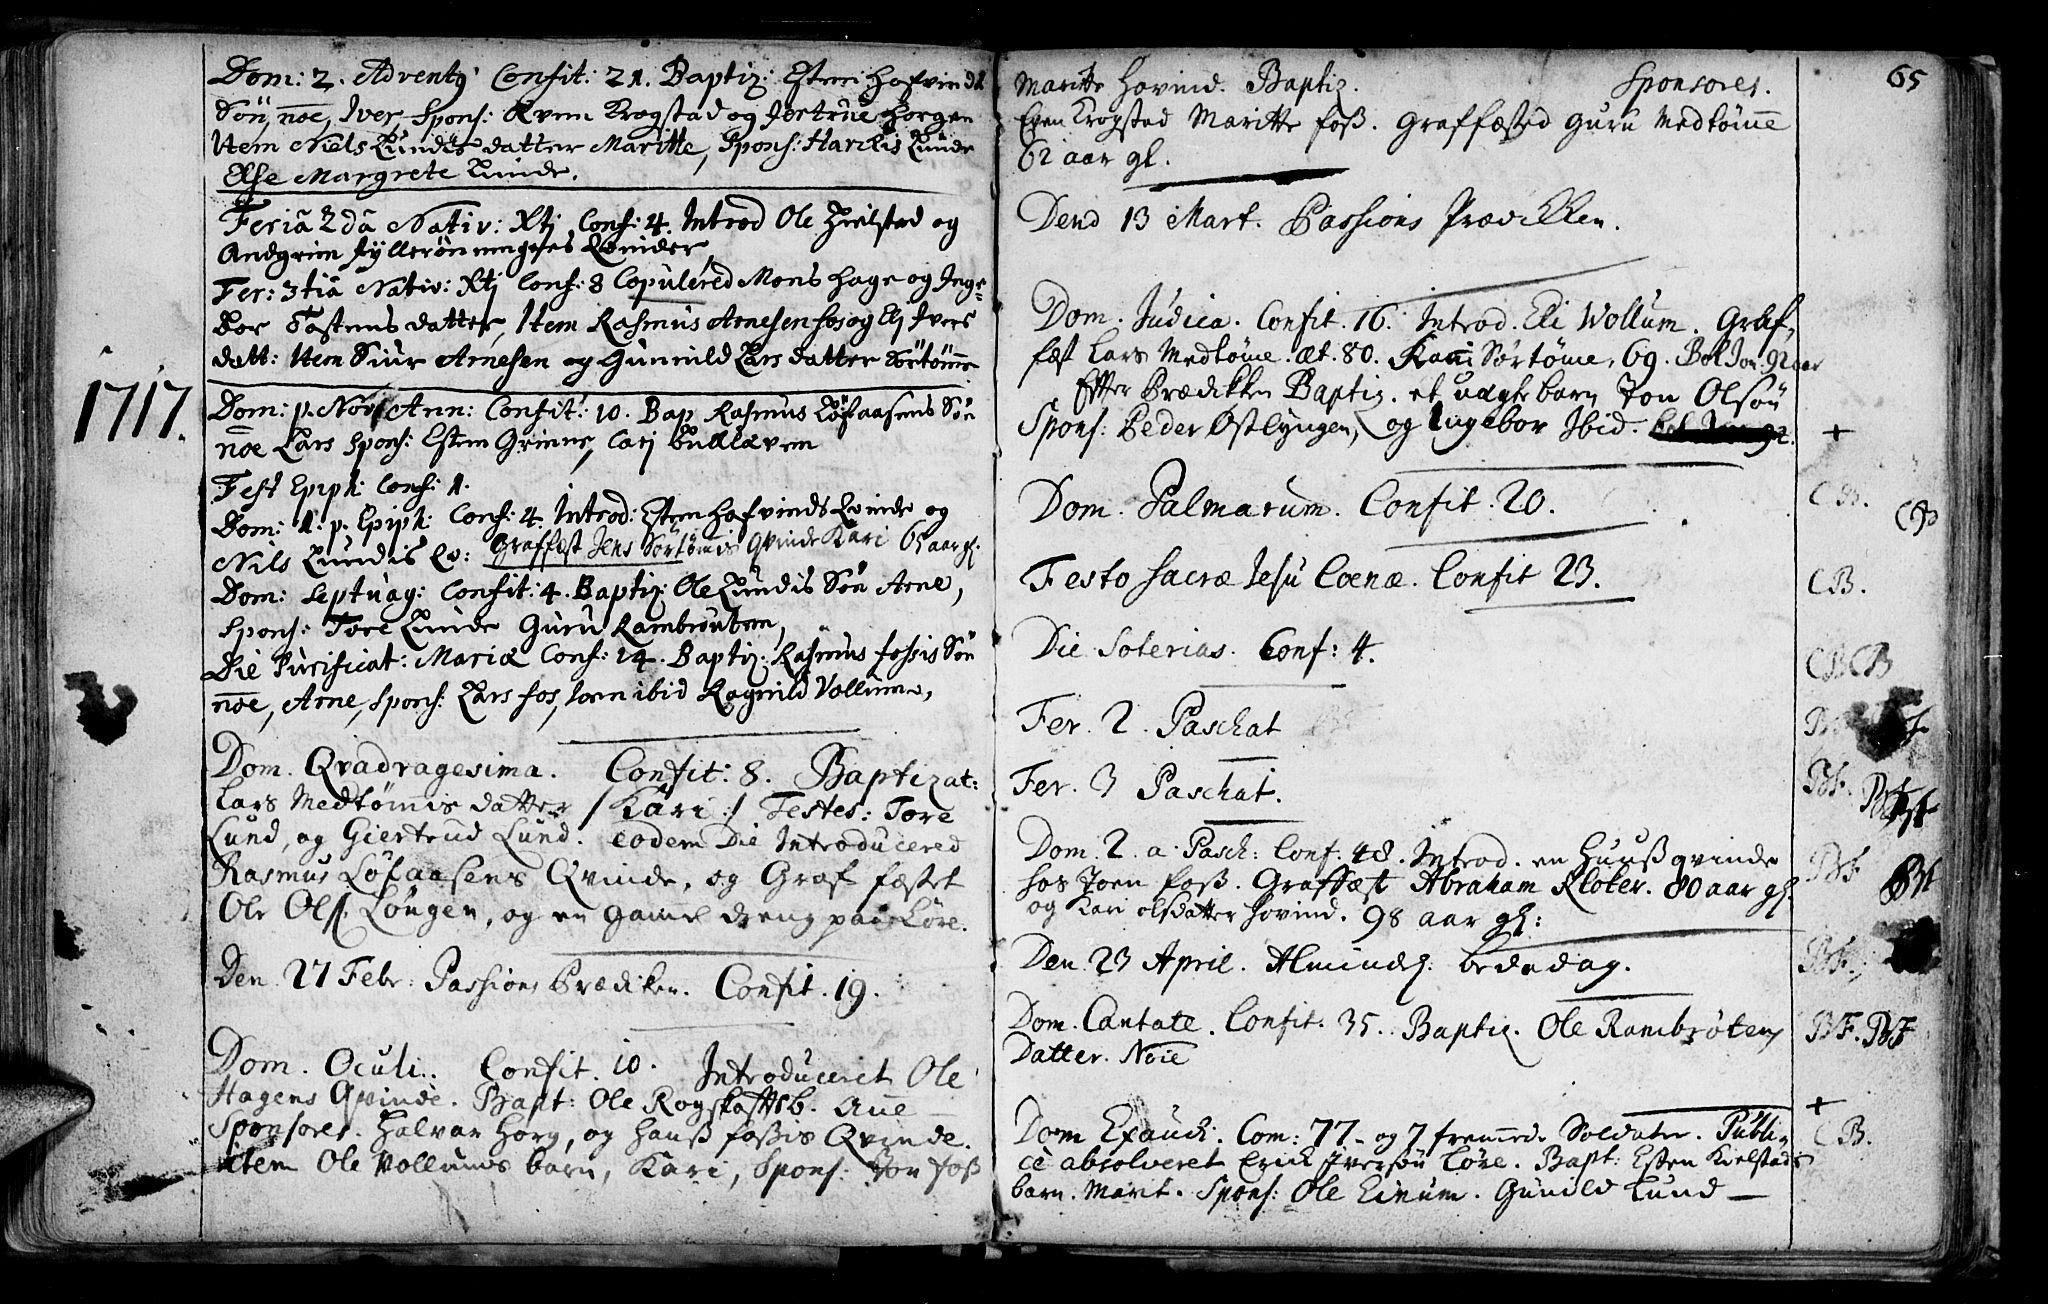 SAT, Ministerialprotokoller, klokkerbøker og fødselsregistre - Sør-Trøndelag, 692/L1101: Ministerialbok nr. 692A01, 1690-1746, s. 65